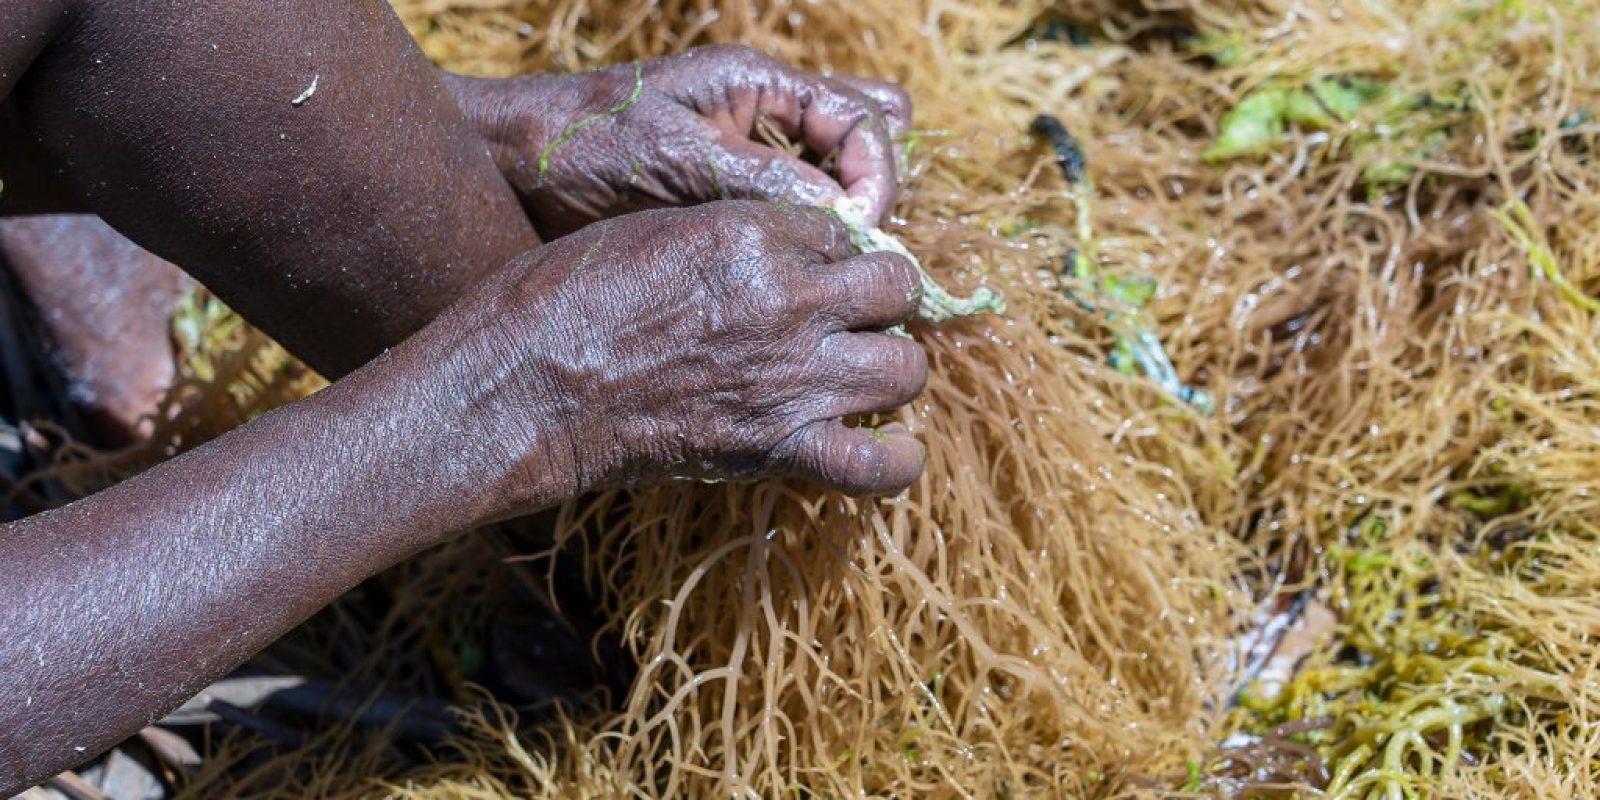 Seaweed farming creates jobs and imporves livelihood